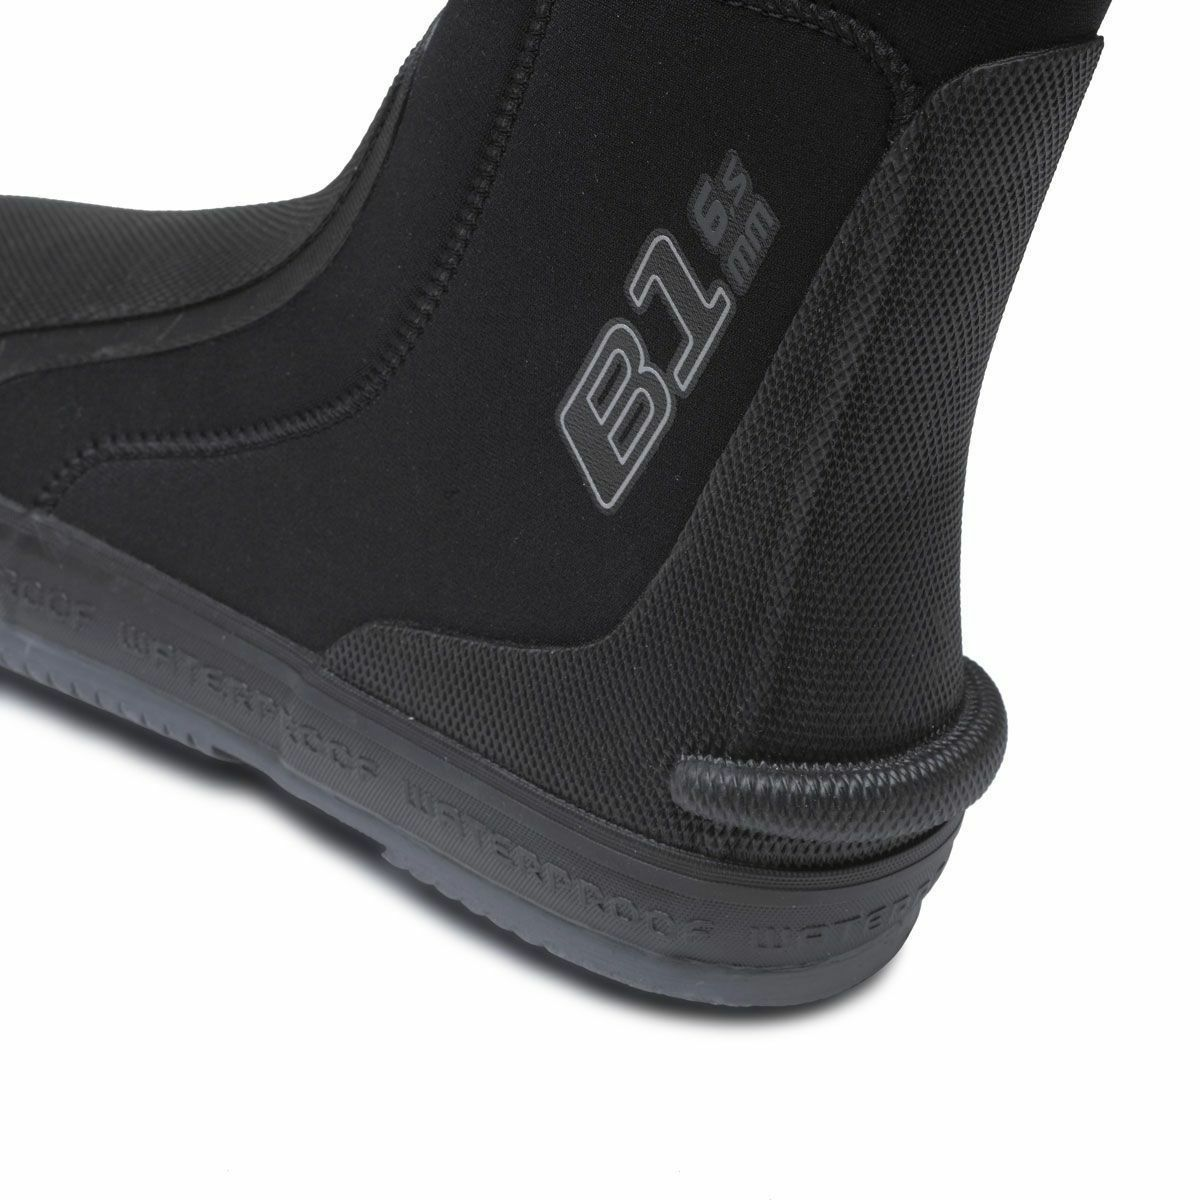 B1 6.5mm Neoprene Dive Boots by Waterproof, XXSmall (3-4)